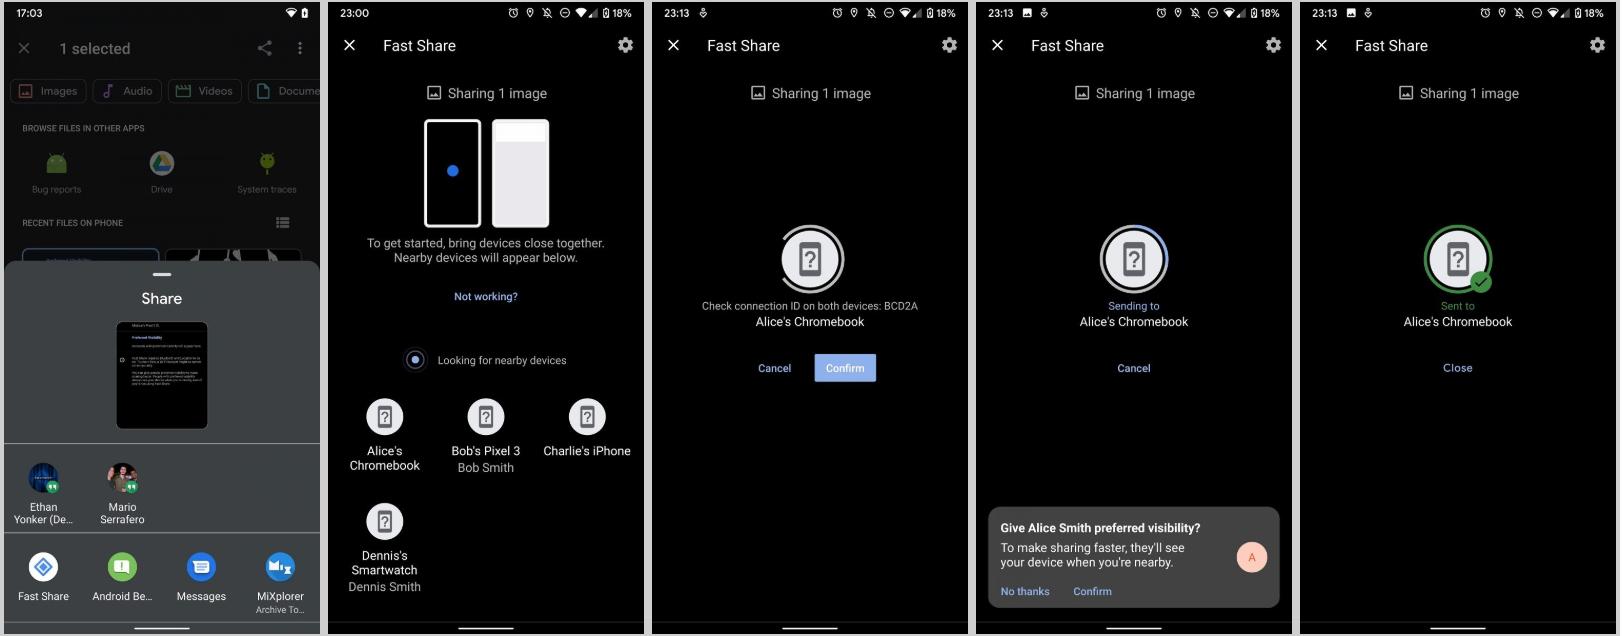 معرفی Fast Share، سرسختترین رقیب اندرویدی AirDrop به وسیله گوگل